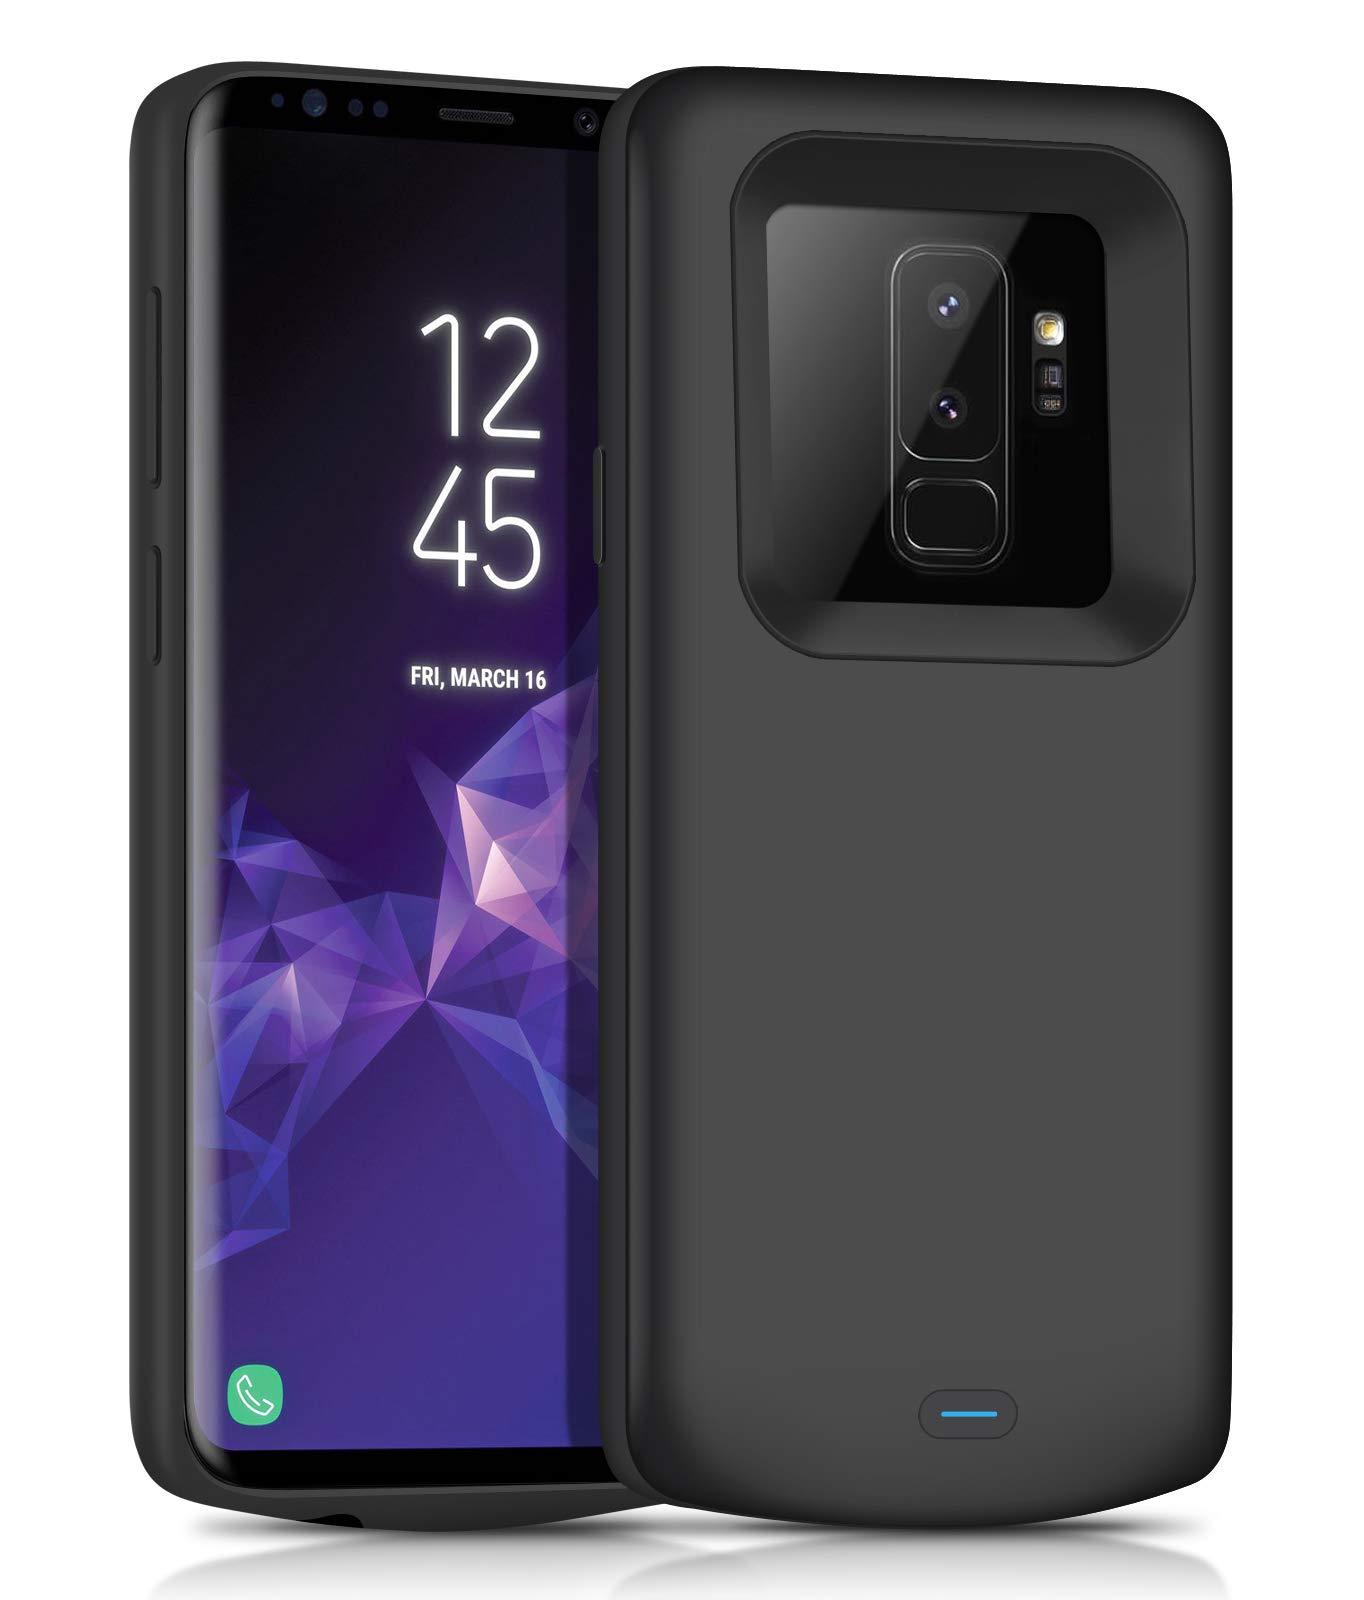 Funda Con Bateria de 5200mah para Samsung Galaxy S9 Plus JUBOTY [7H2WPB4Y]